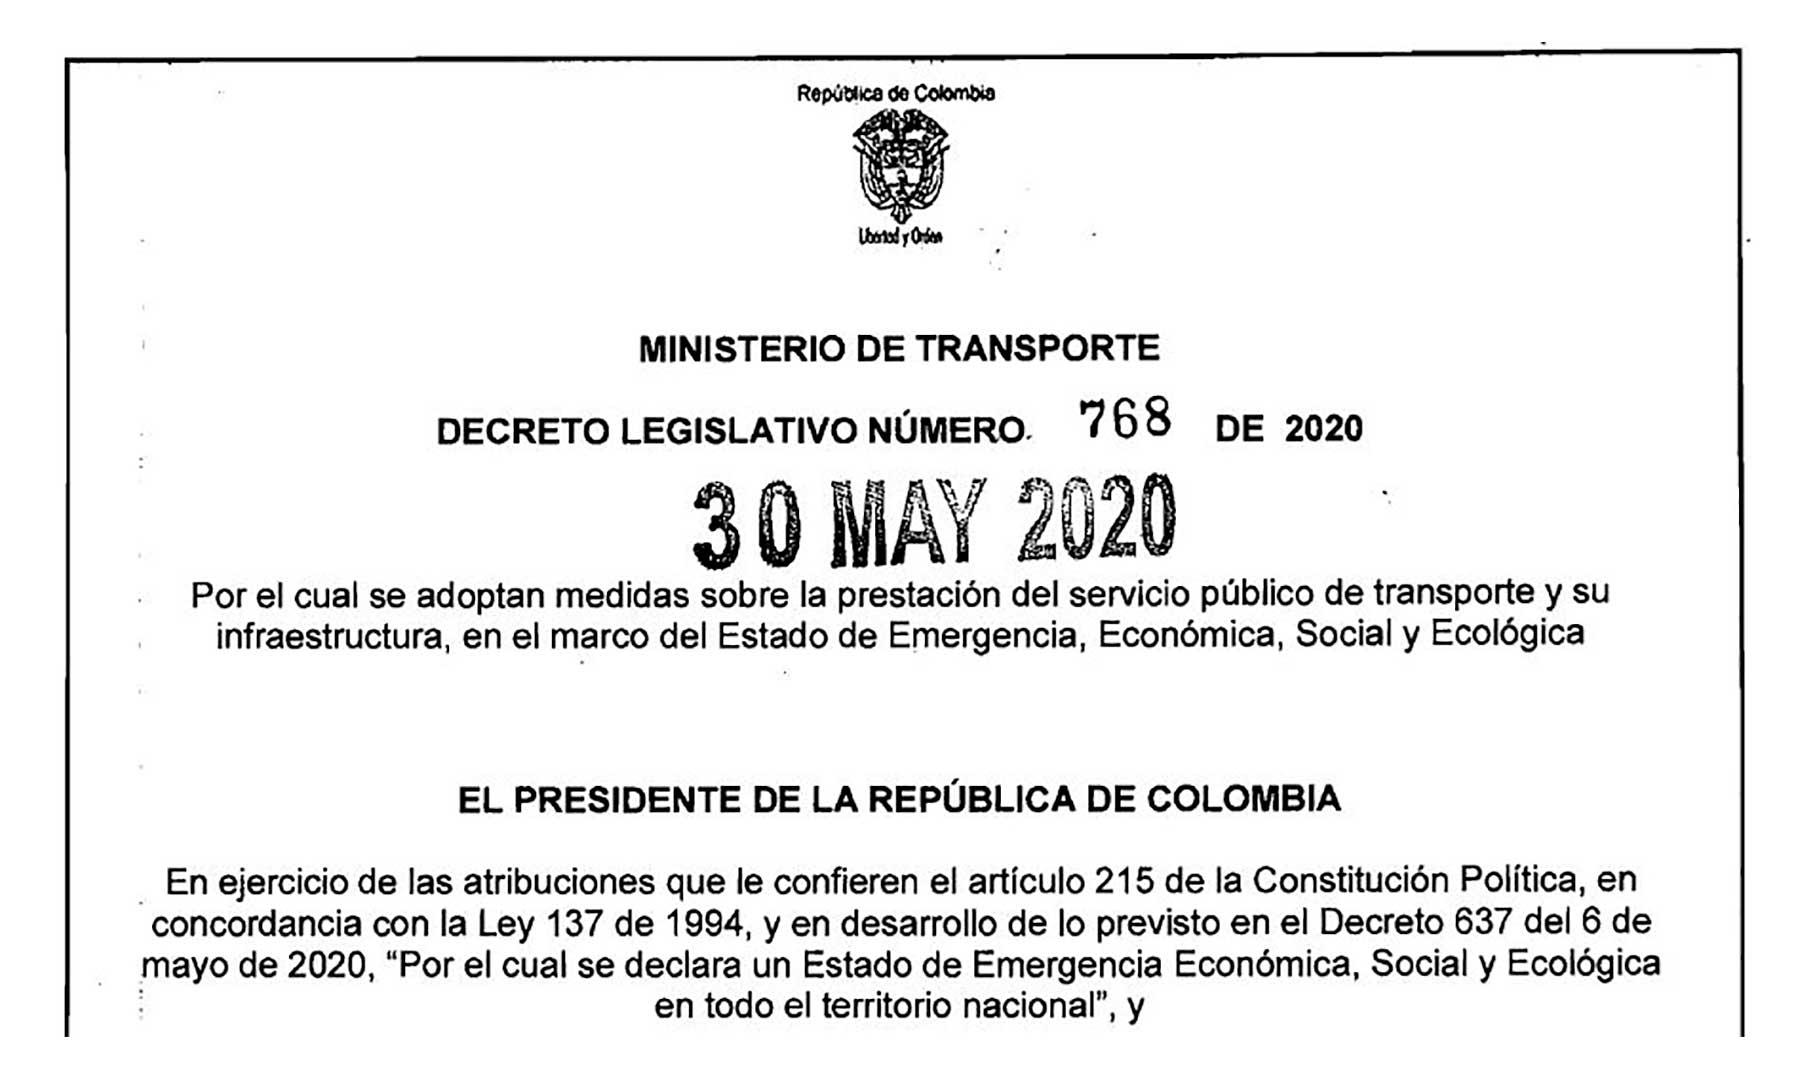 Mediante el decreto 768  se adoptan medias para la prestación en el servicio de transporte y su infraestructura